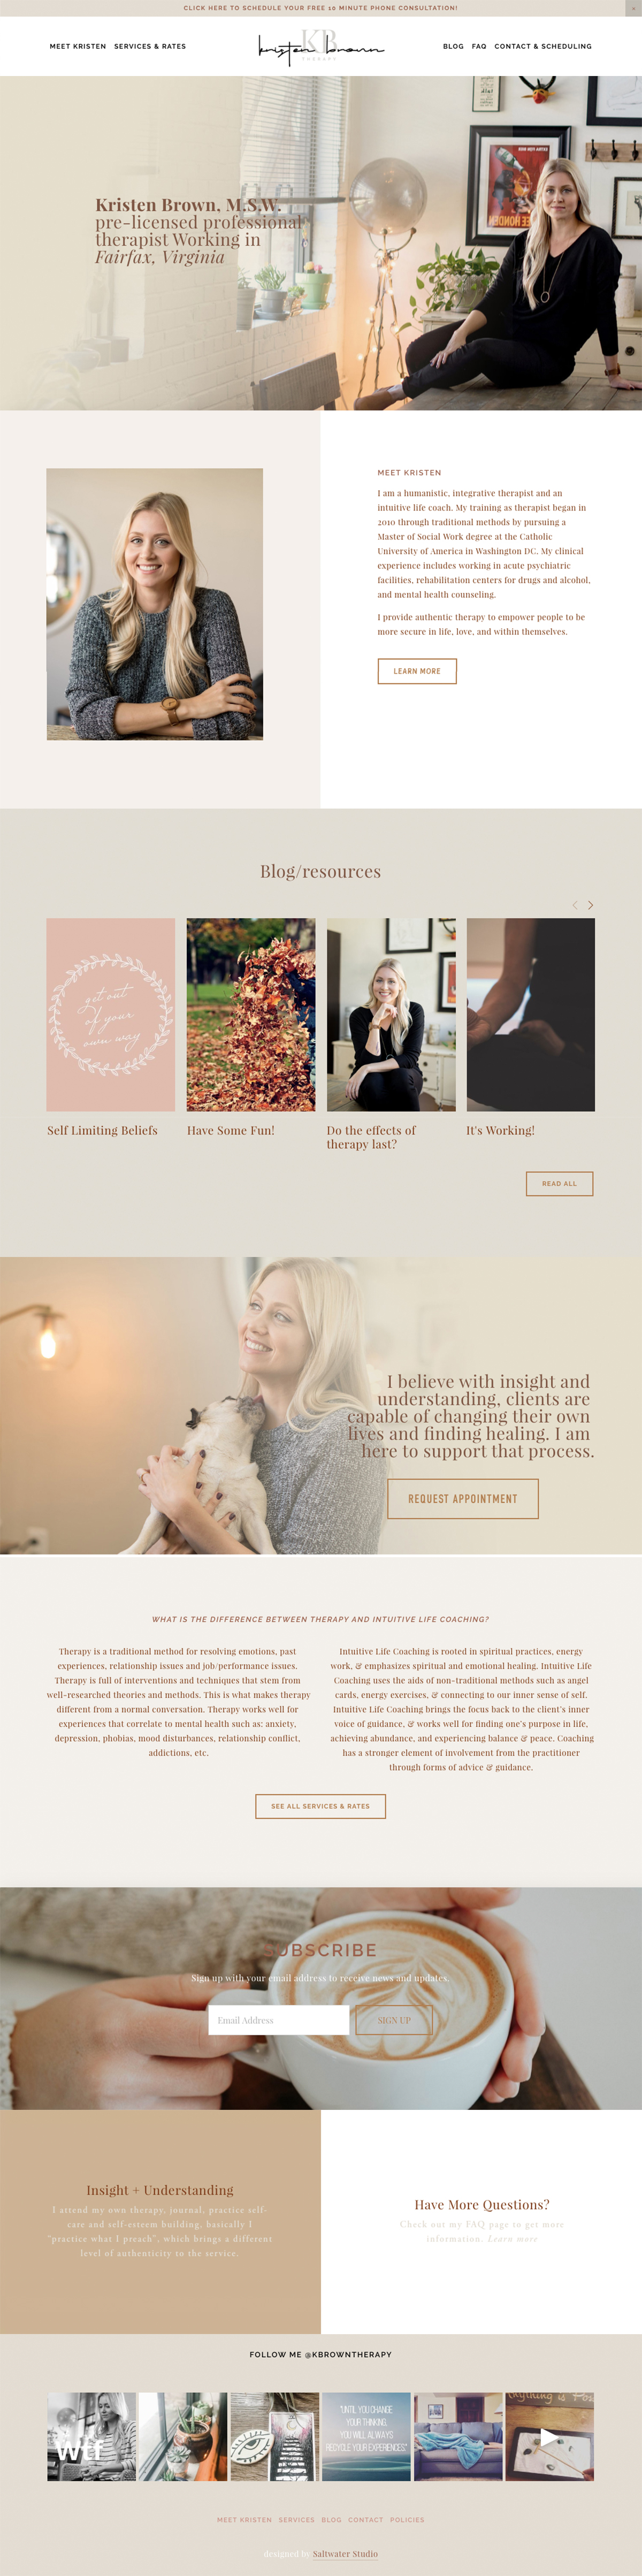 kbrown Homepage.jpg